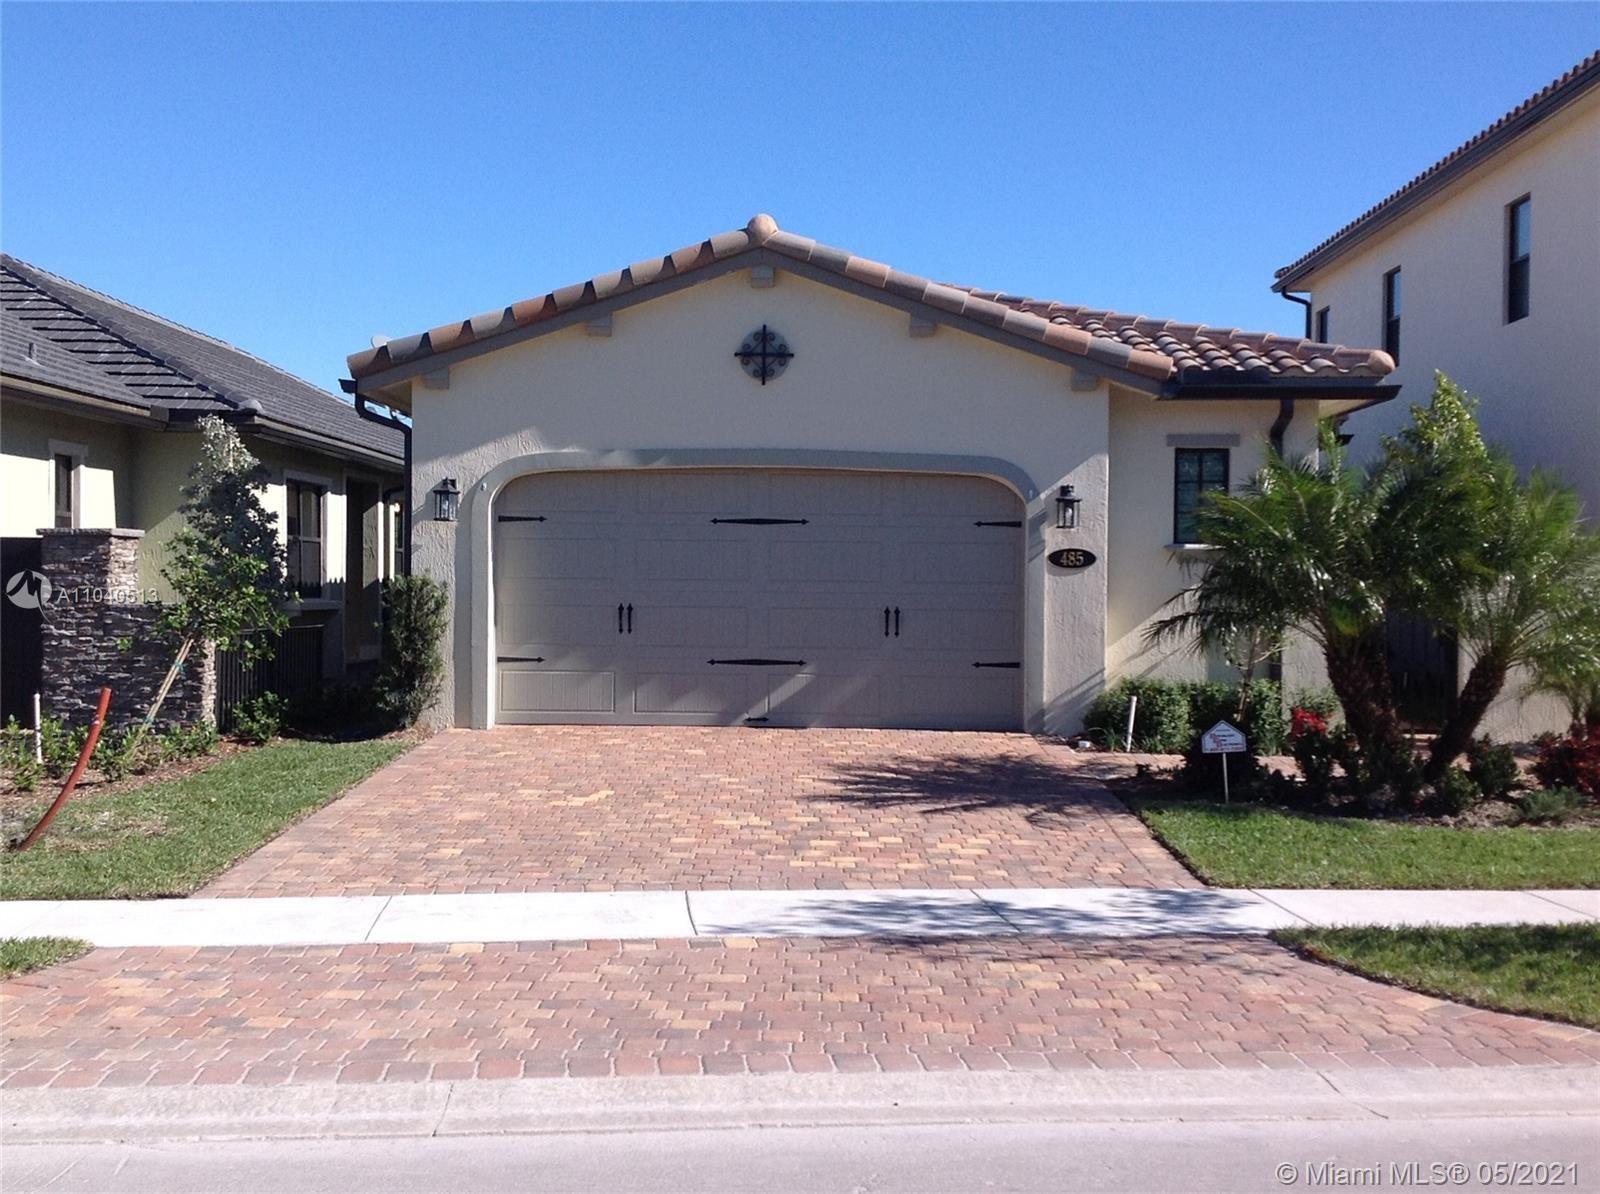 Photo of 485 SW 113th Ln, Pembroke Pines, FL 33025 (MLS # A11040513)